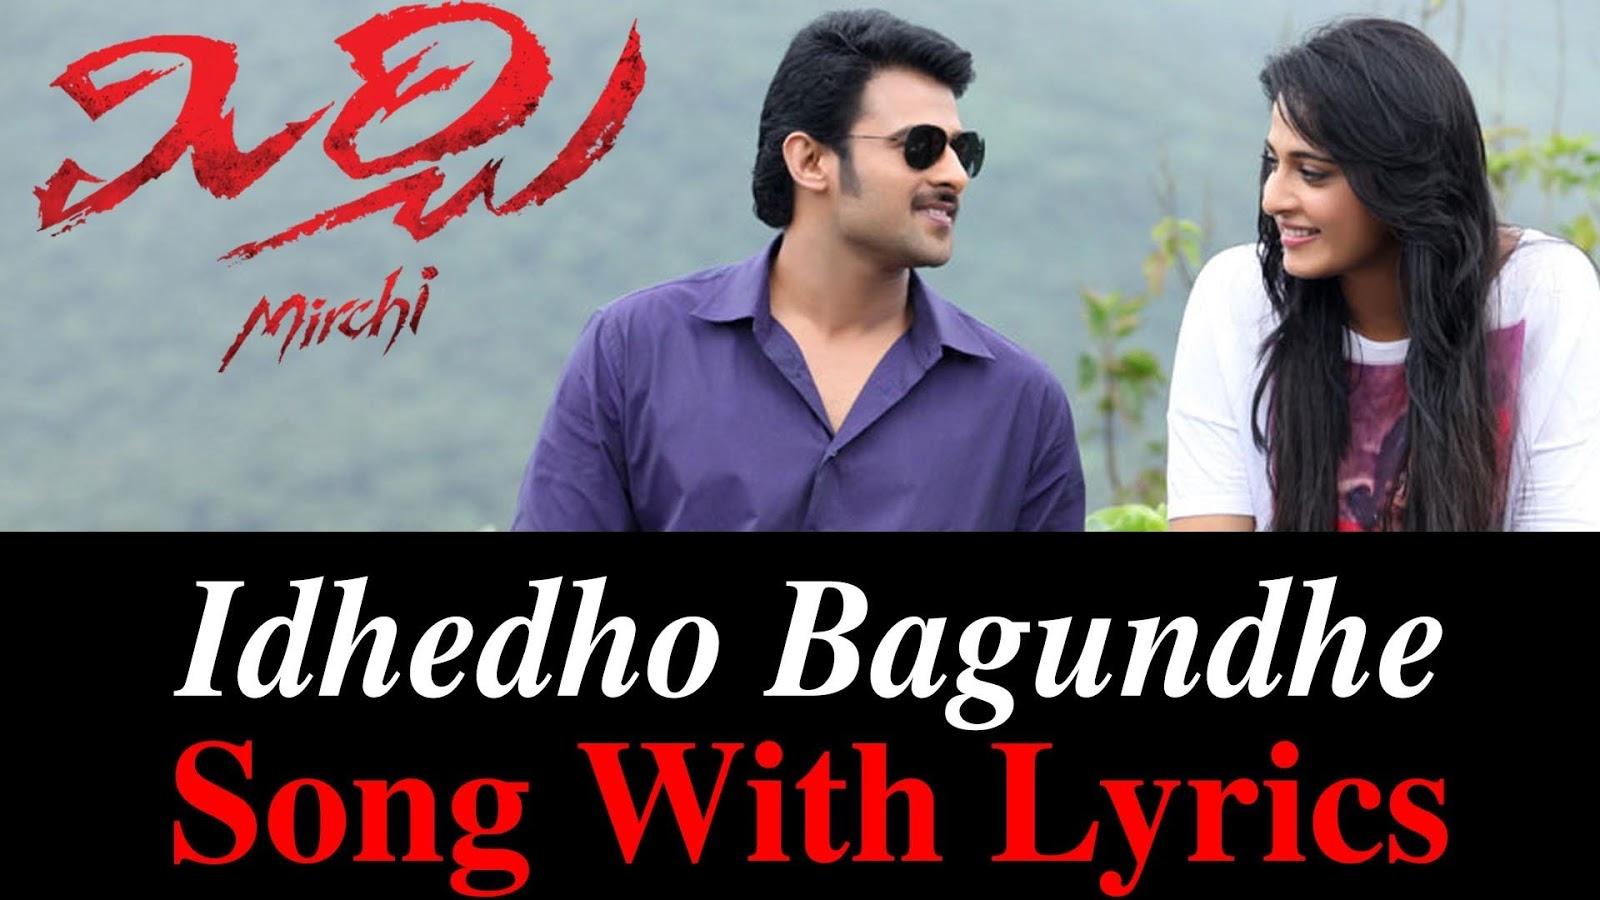 Idhedho Bagundey Song Lyrics - Mirchi Telugu Movie